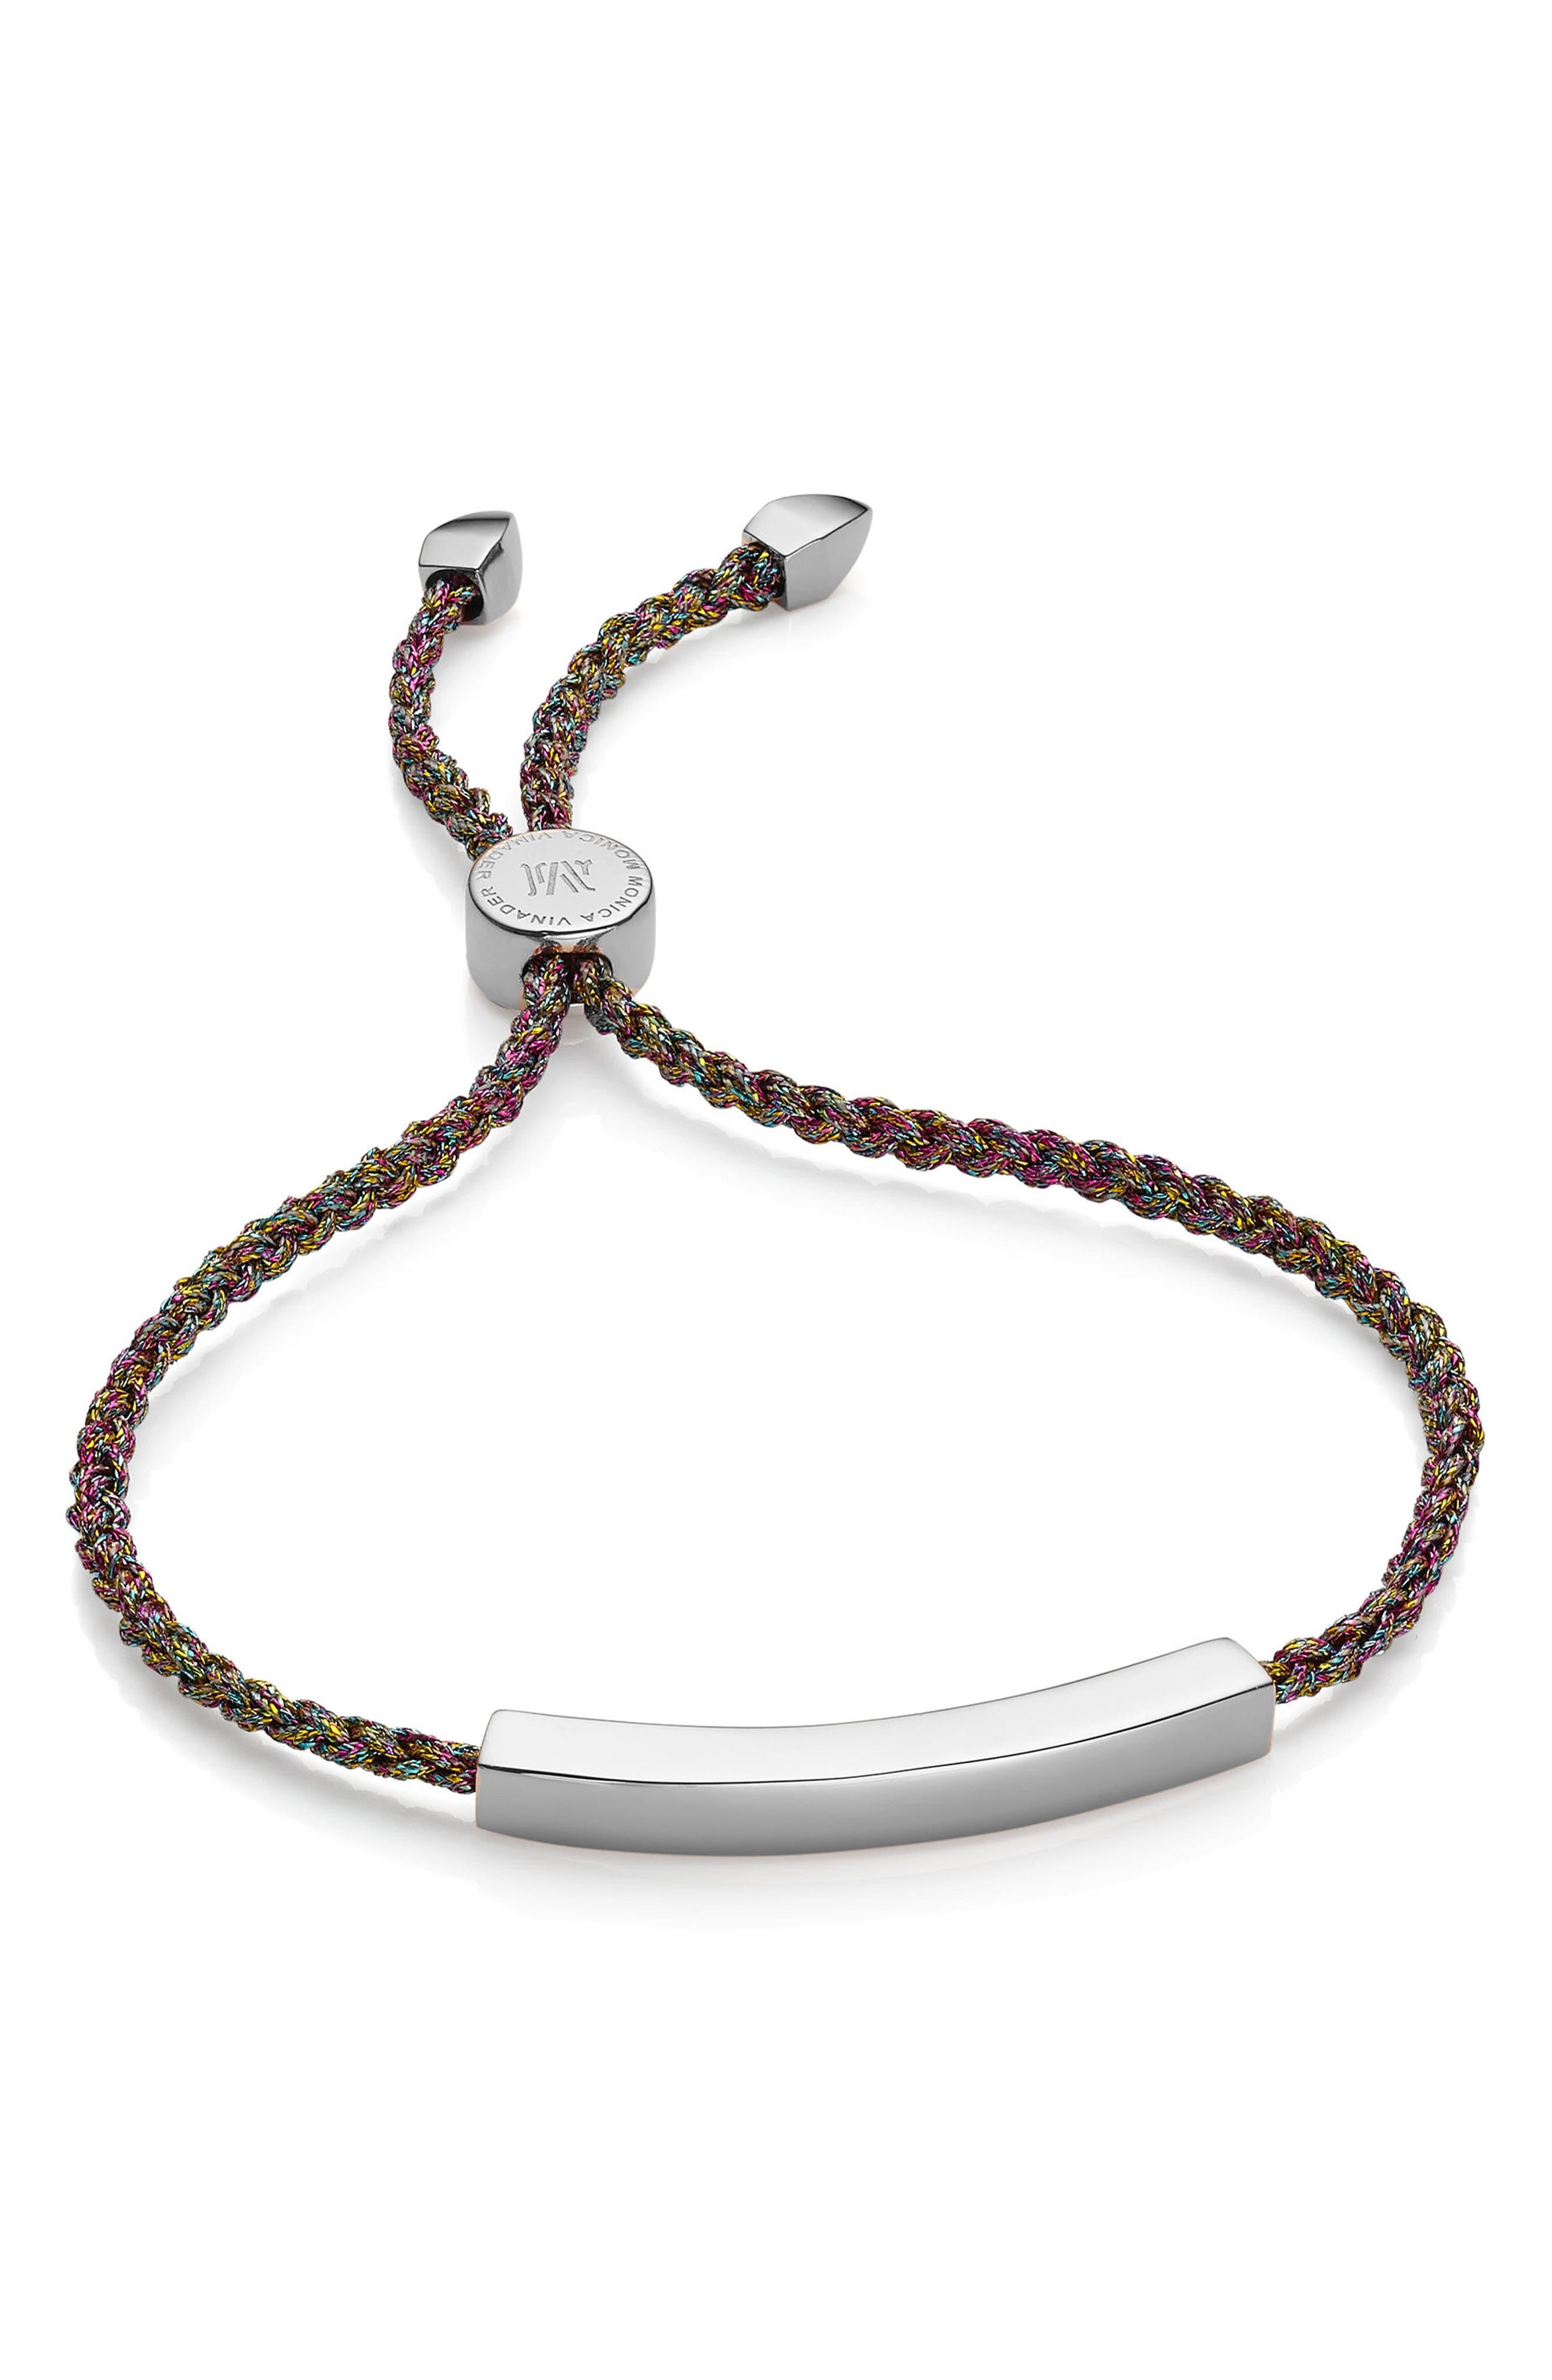 Engravable Linear Friendship Bracelet,                             Main thumbnail 1, color,                             SILVER/ RAINBOW